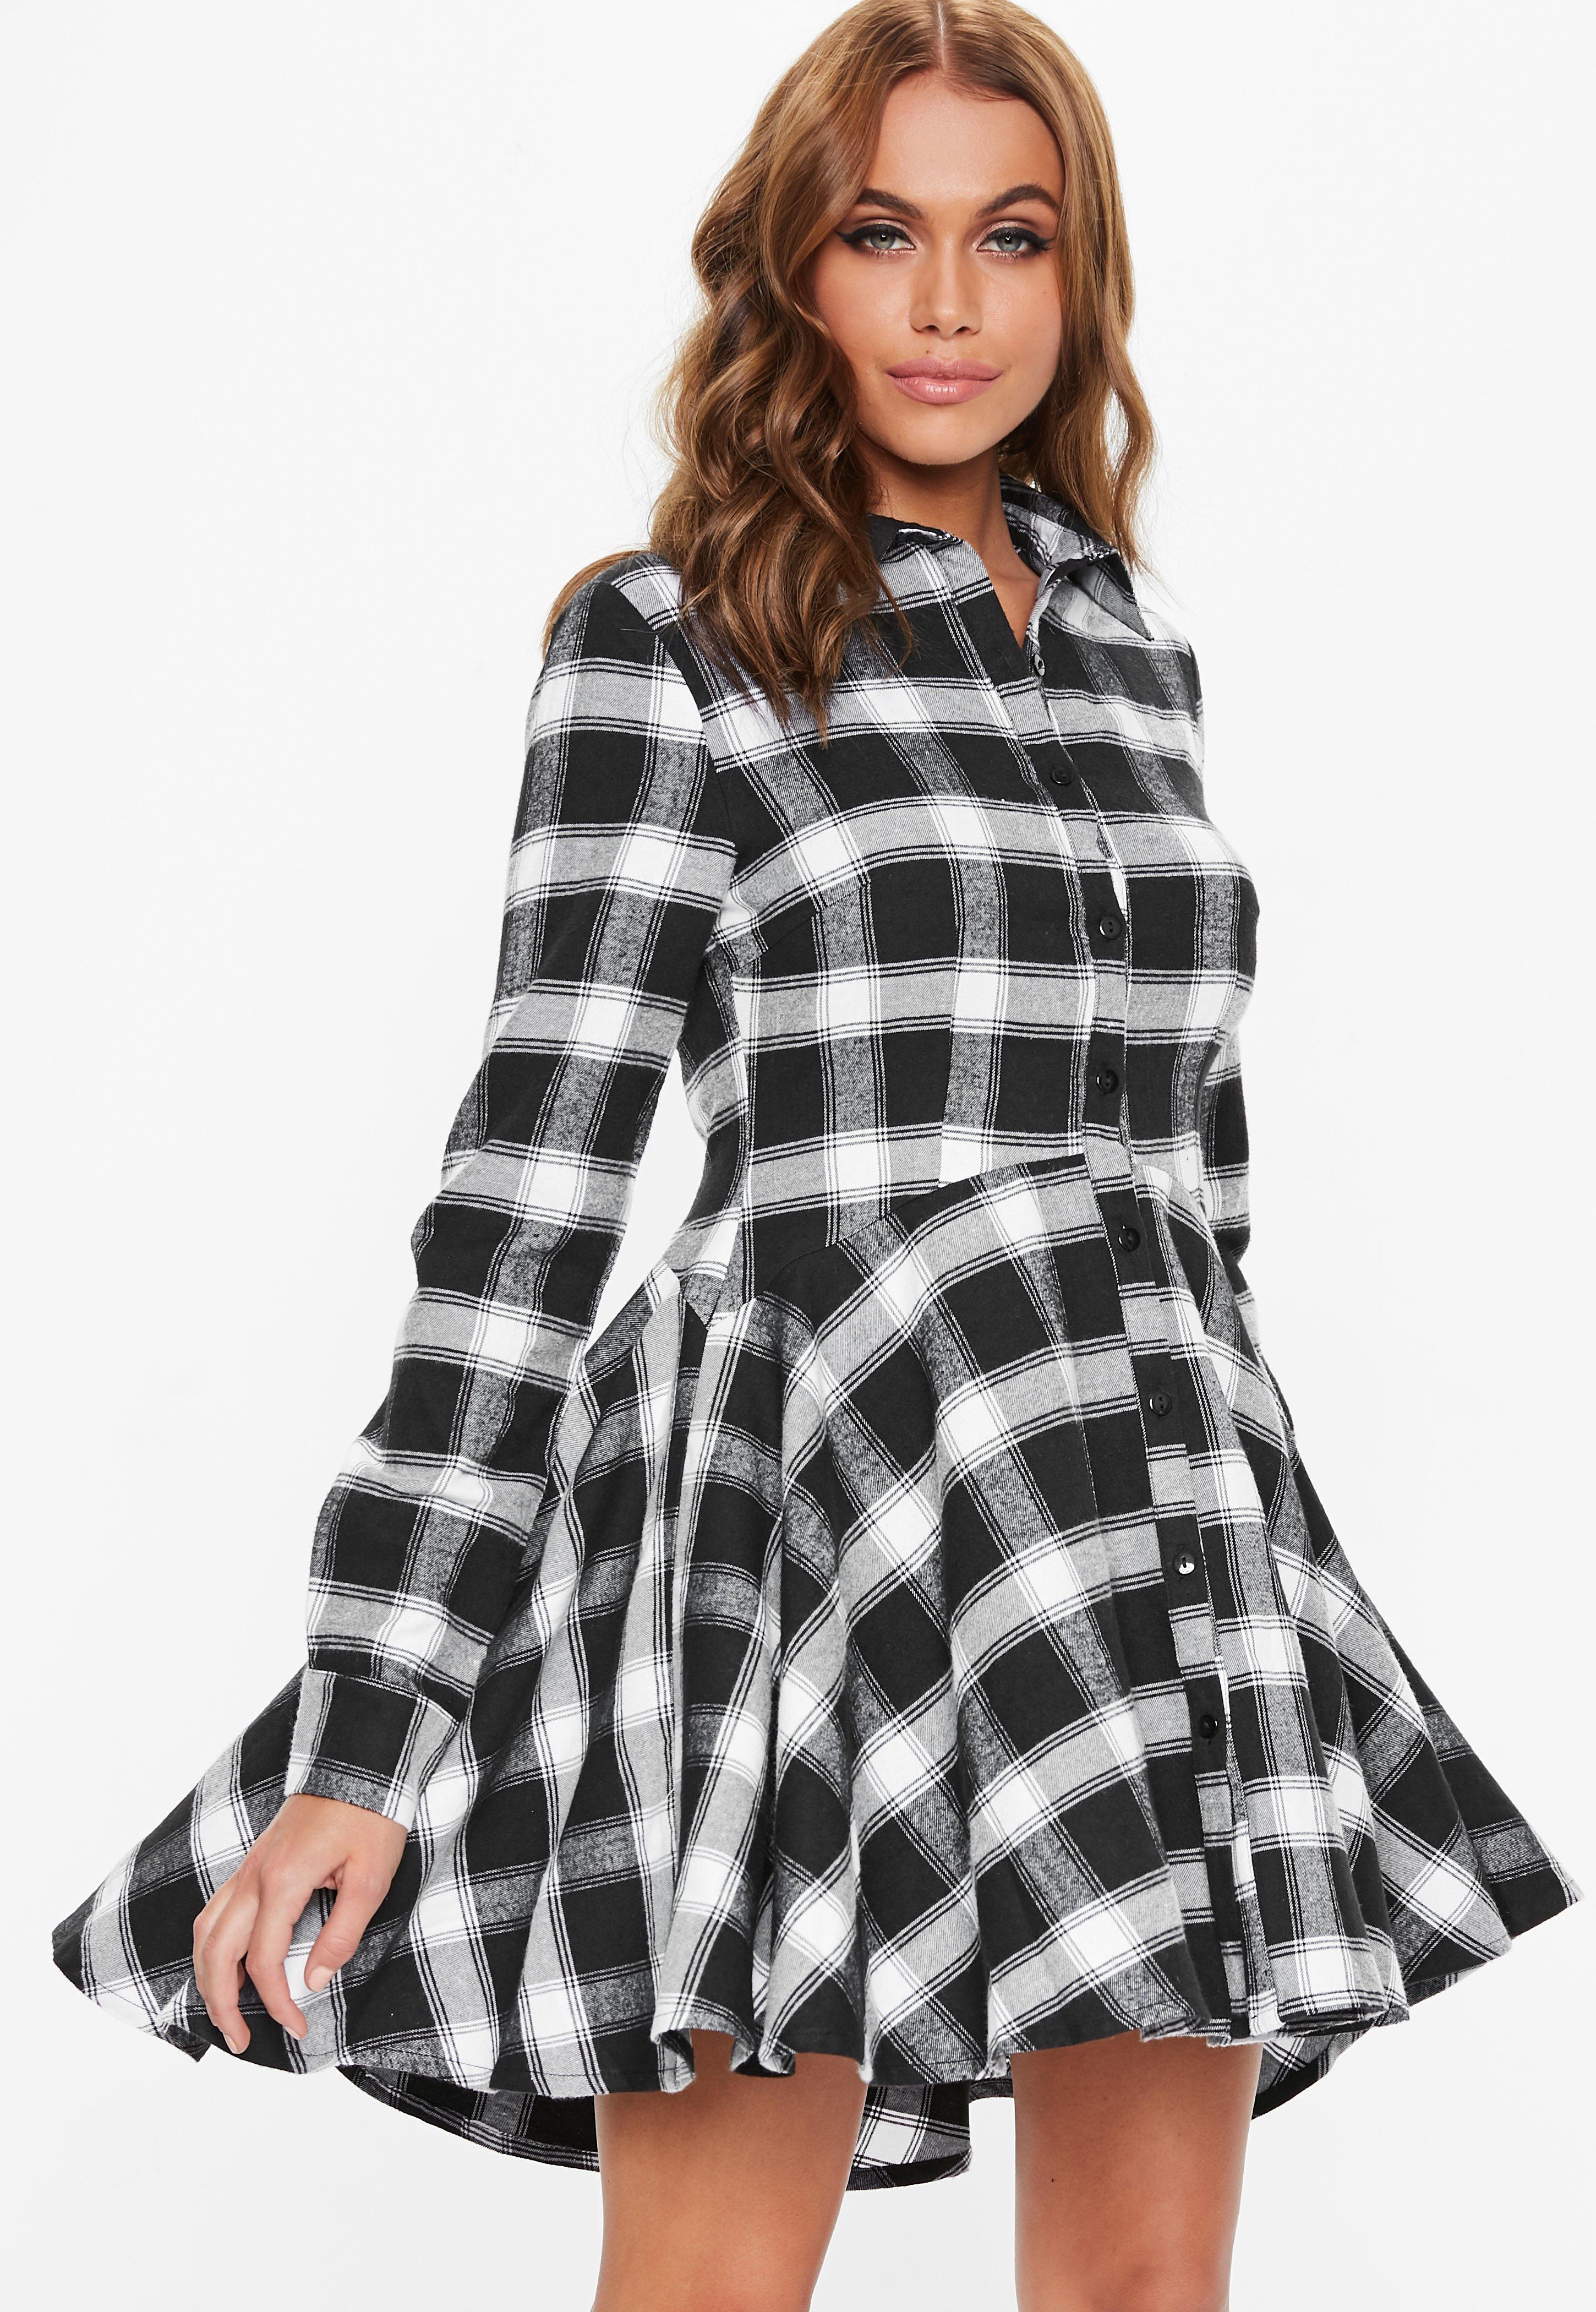 3274edef68 Skater Dresses - Full Skirted Fit   Flare Dresses